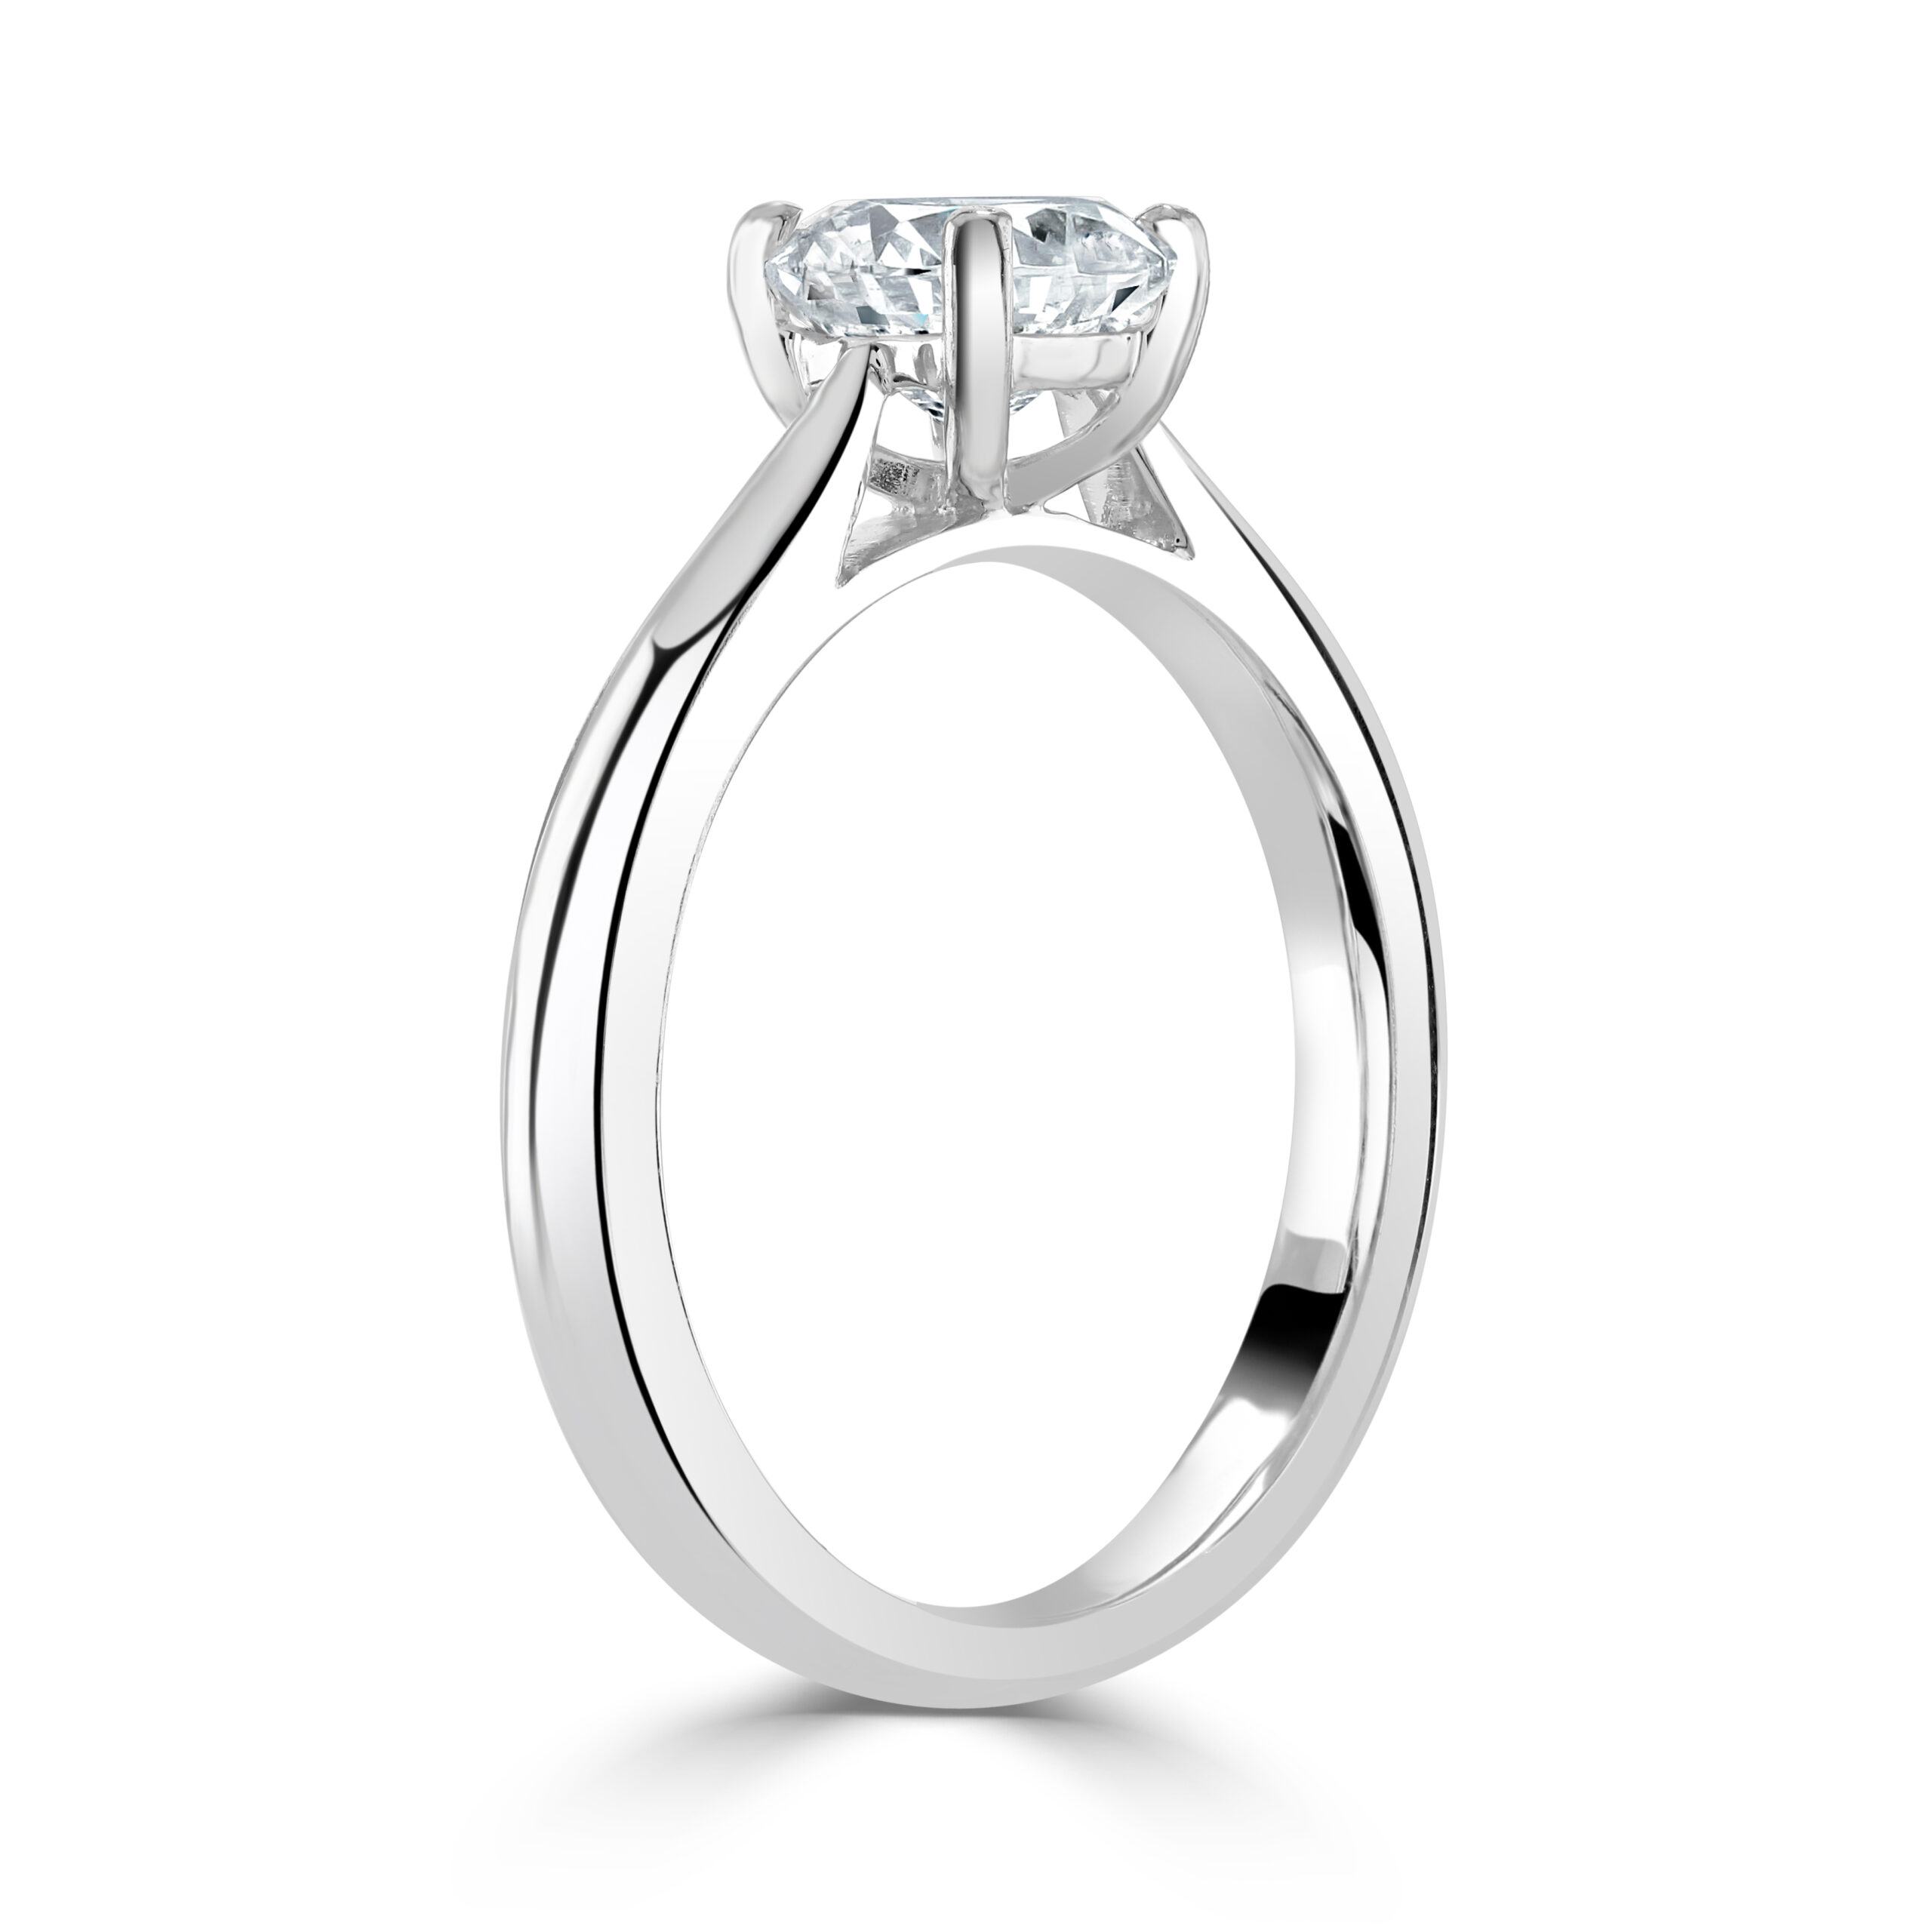 Round Brilliant Cut Platinum Diamond Ring